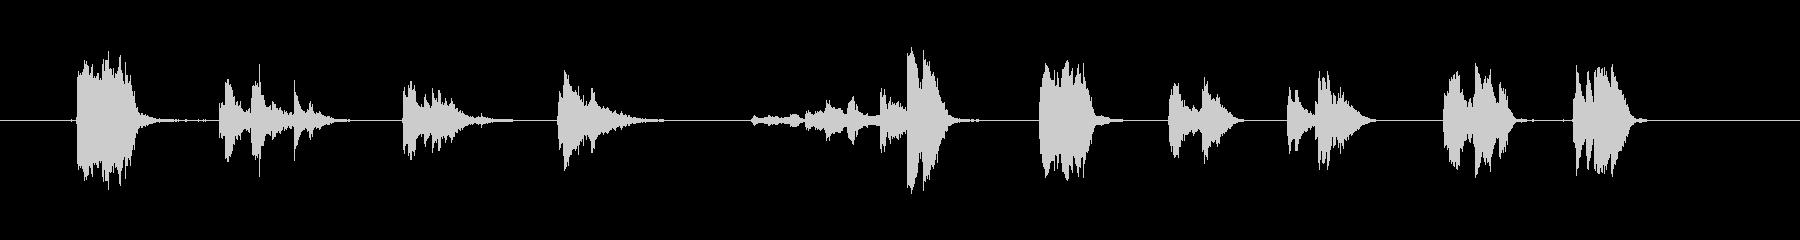 メタルクラッシュ:マルチ。バンギン...の未再生の波形